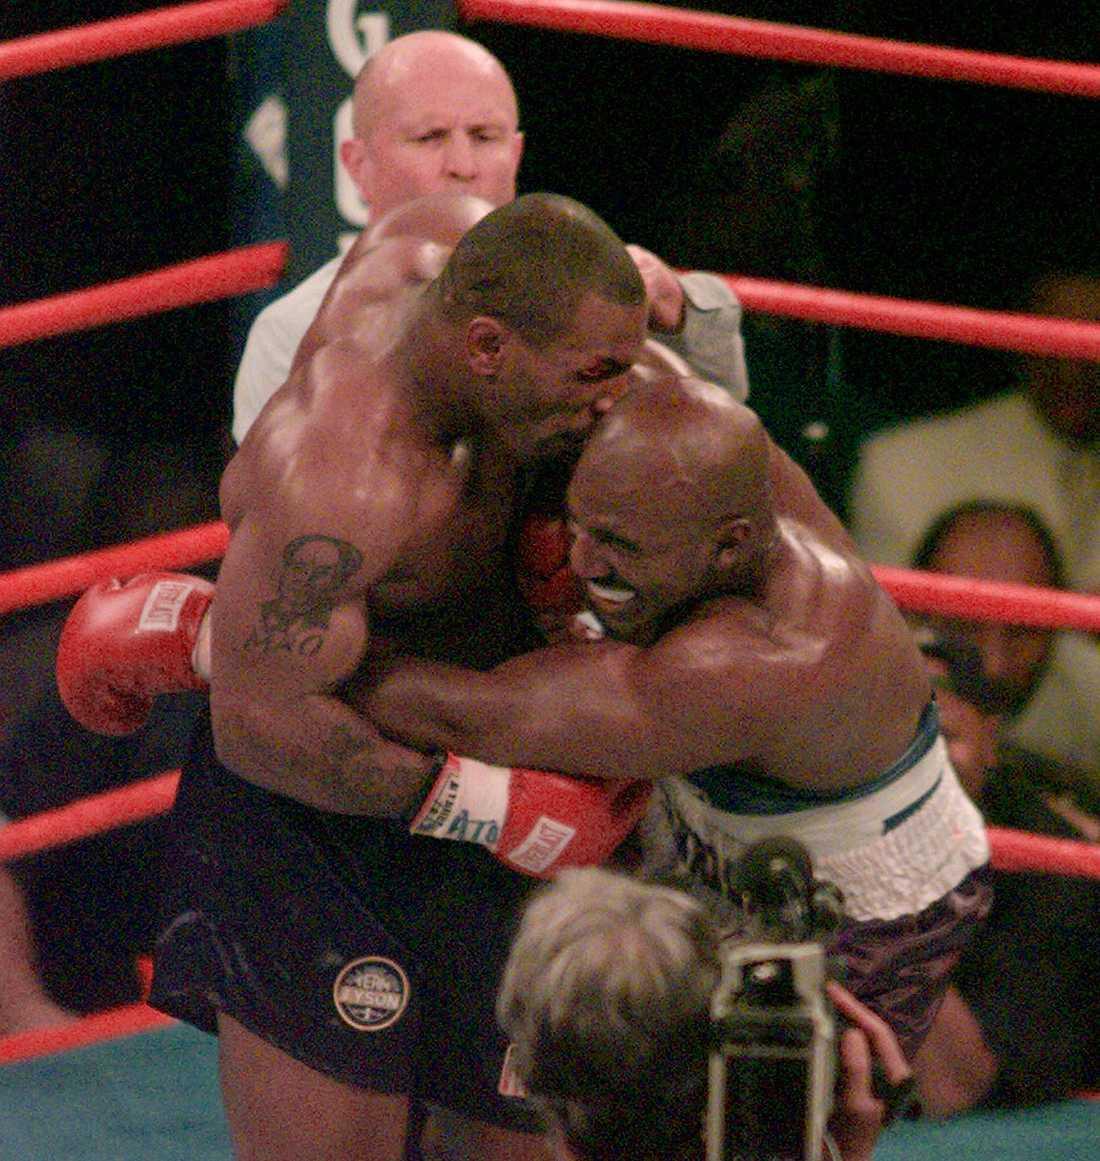 Mike Tyson i den klassiska matchen mot Evander Holyfield. Allt fokus var på händelsen där Tyson bet av örat på Holyfield.